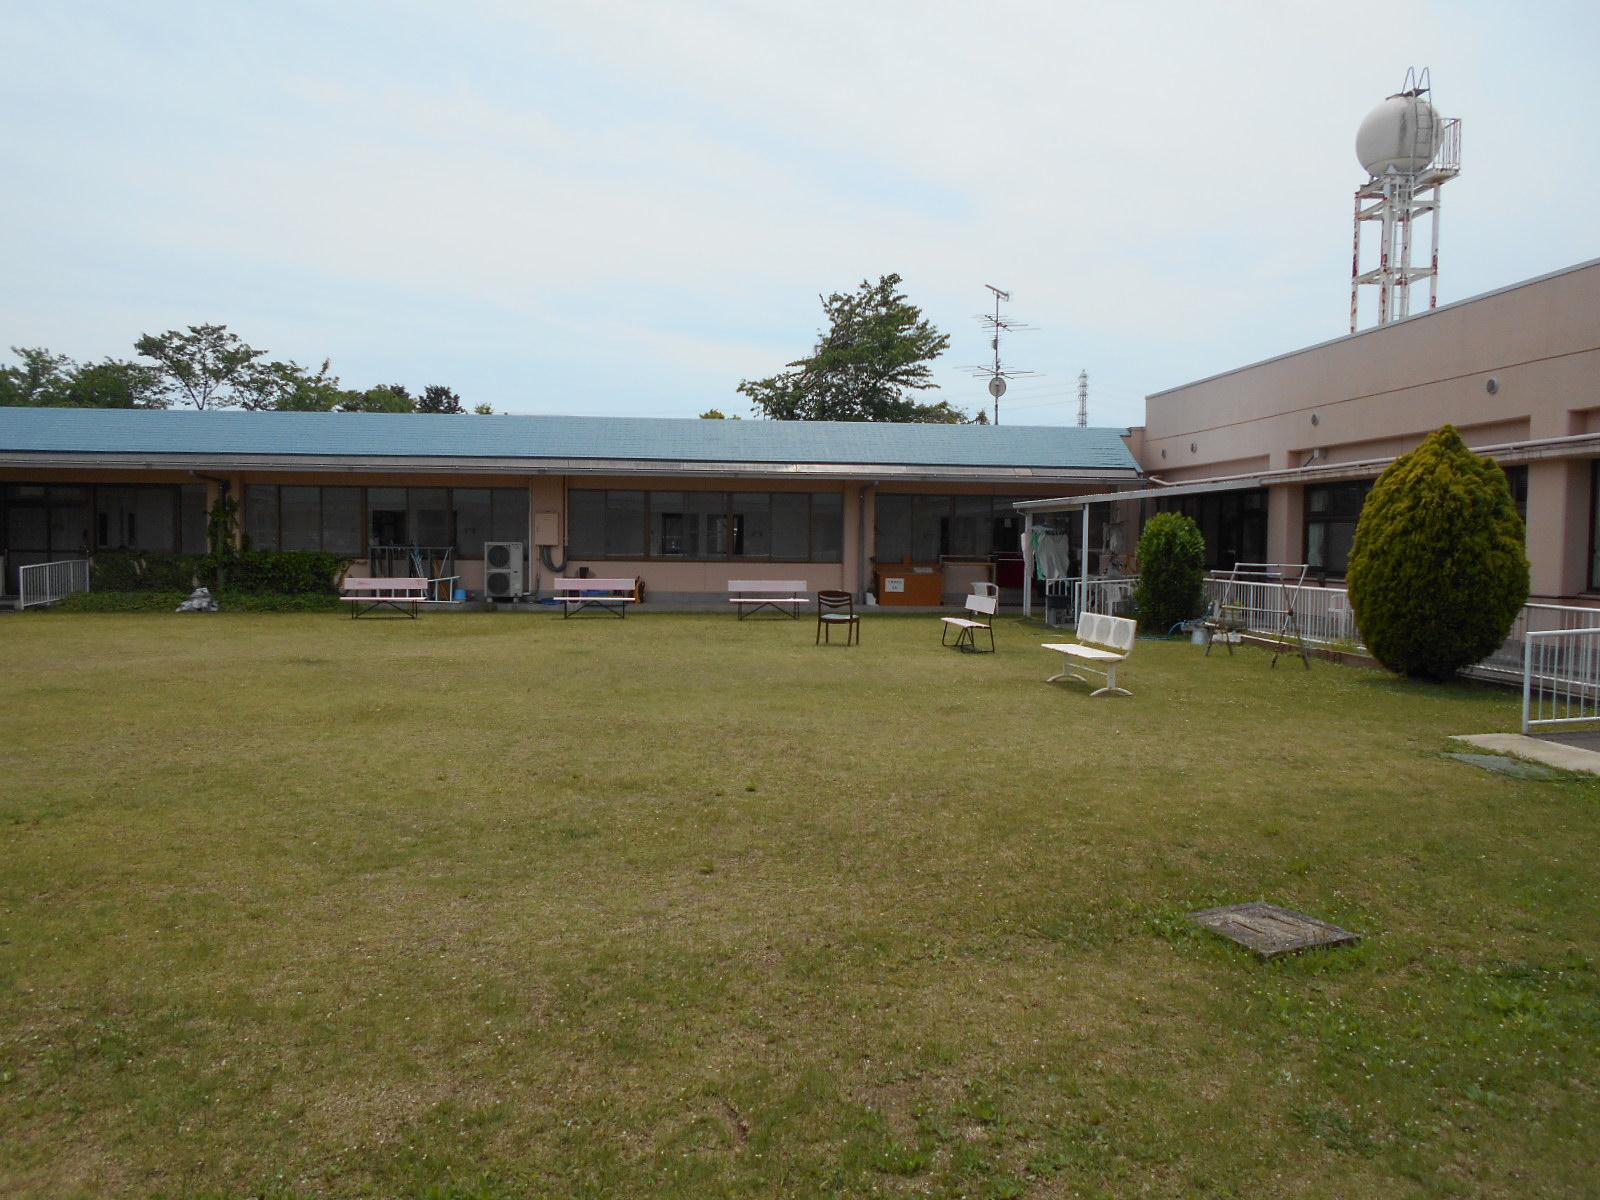 八野生活介護センター2019-05-10-12.38.23